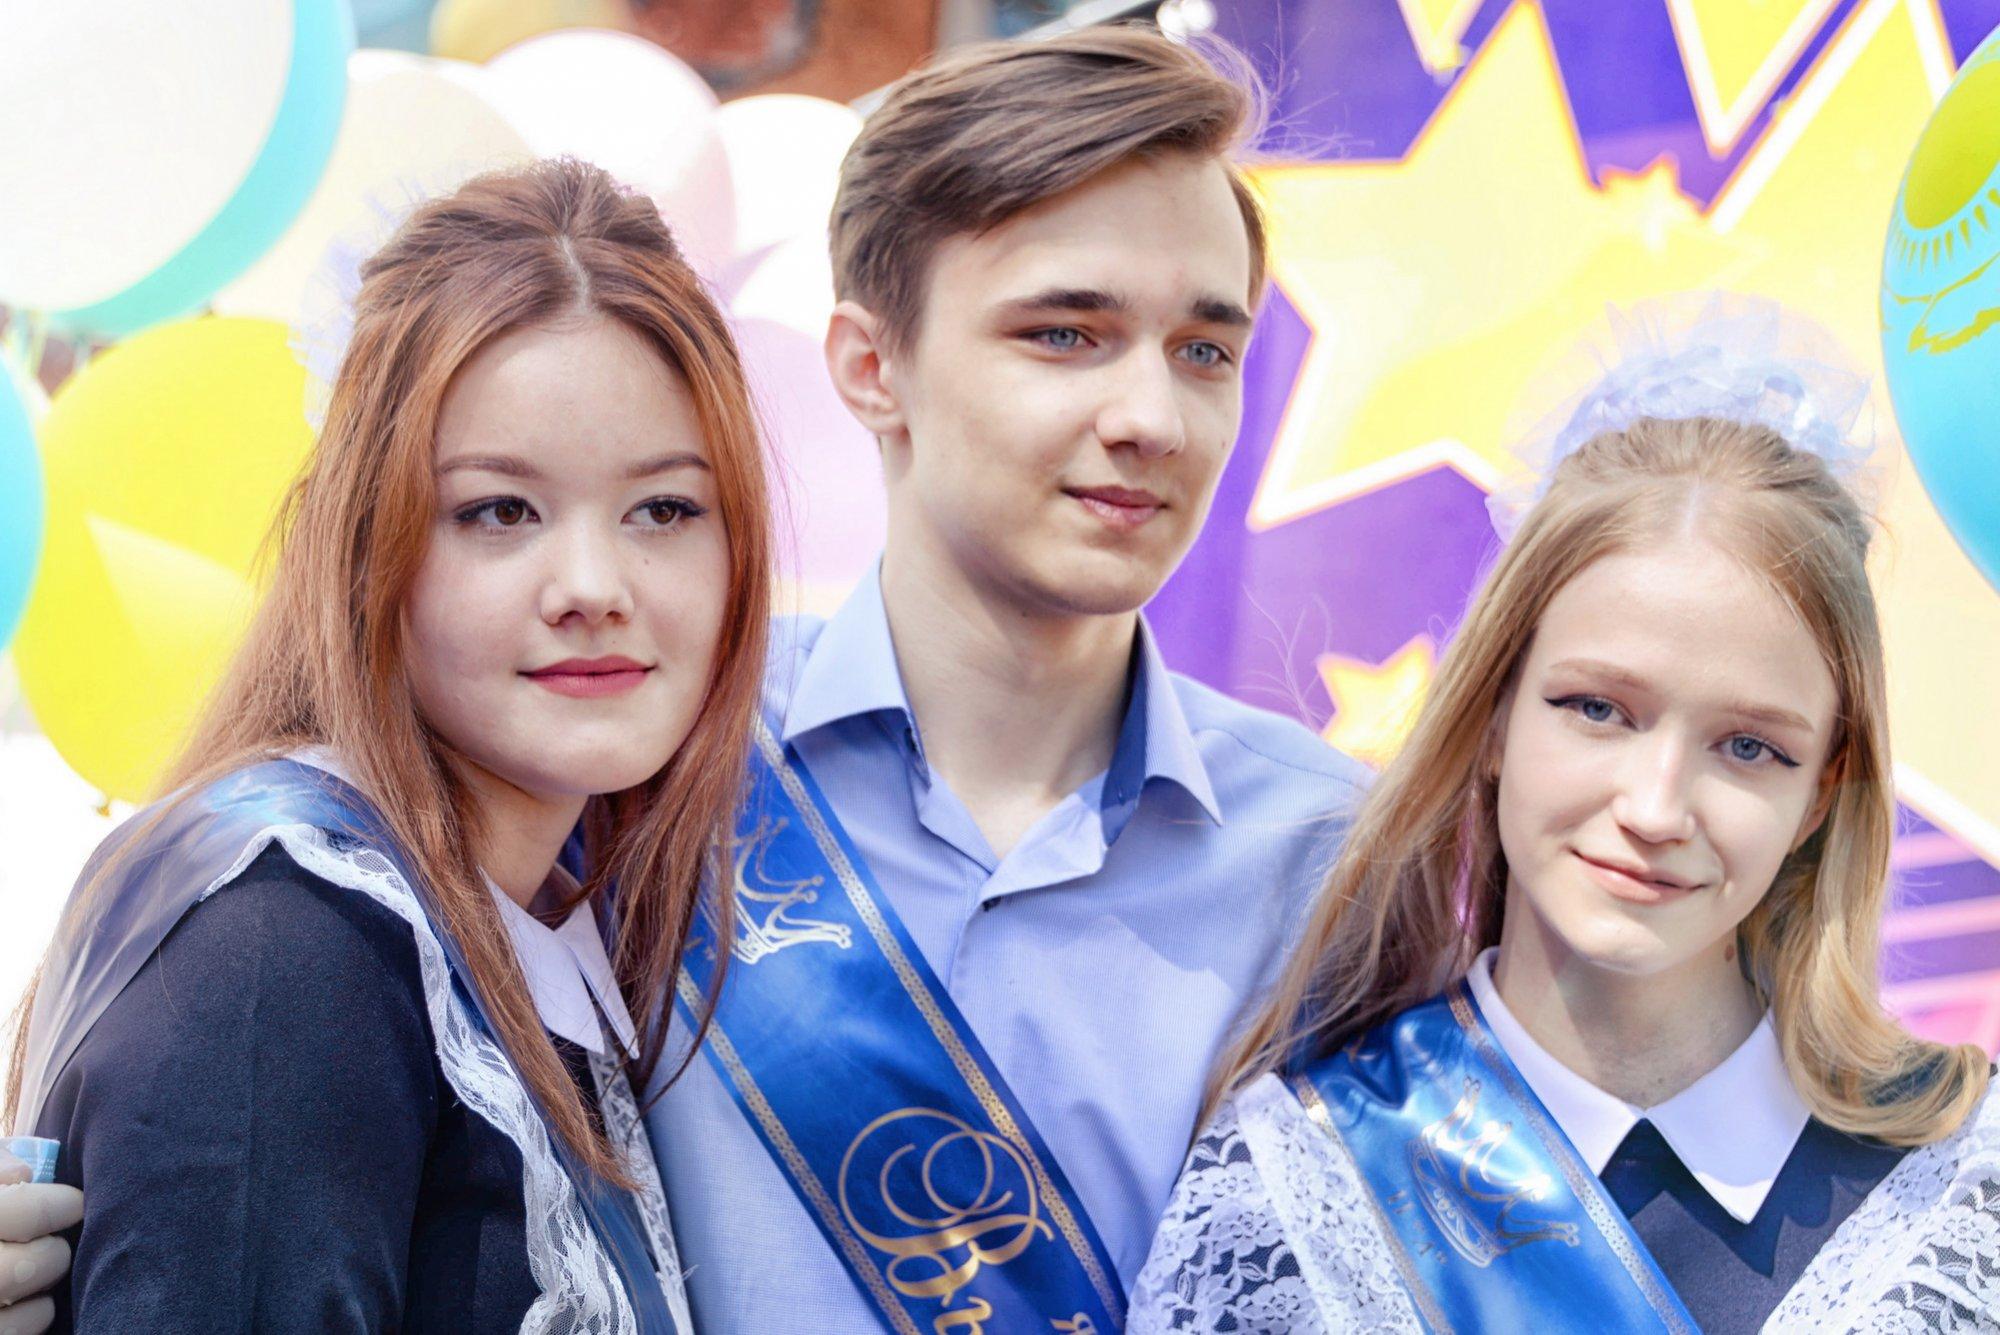 Последний звонок прозвучал для 46 тысяч учеников в Павлодаре